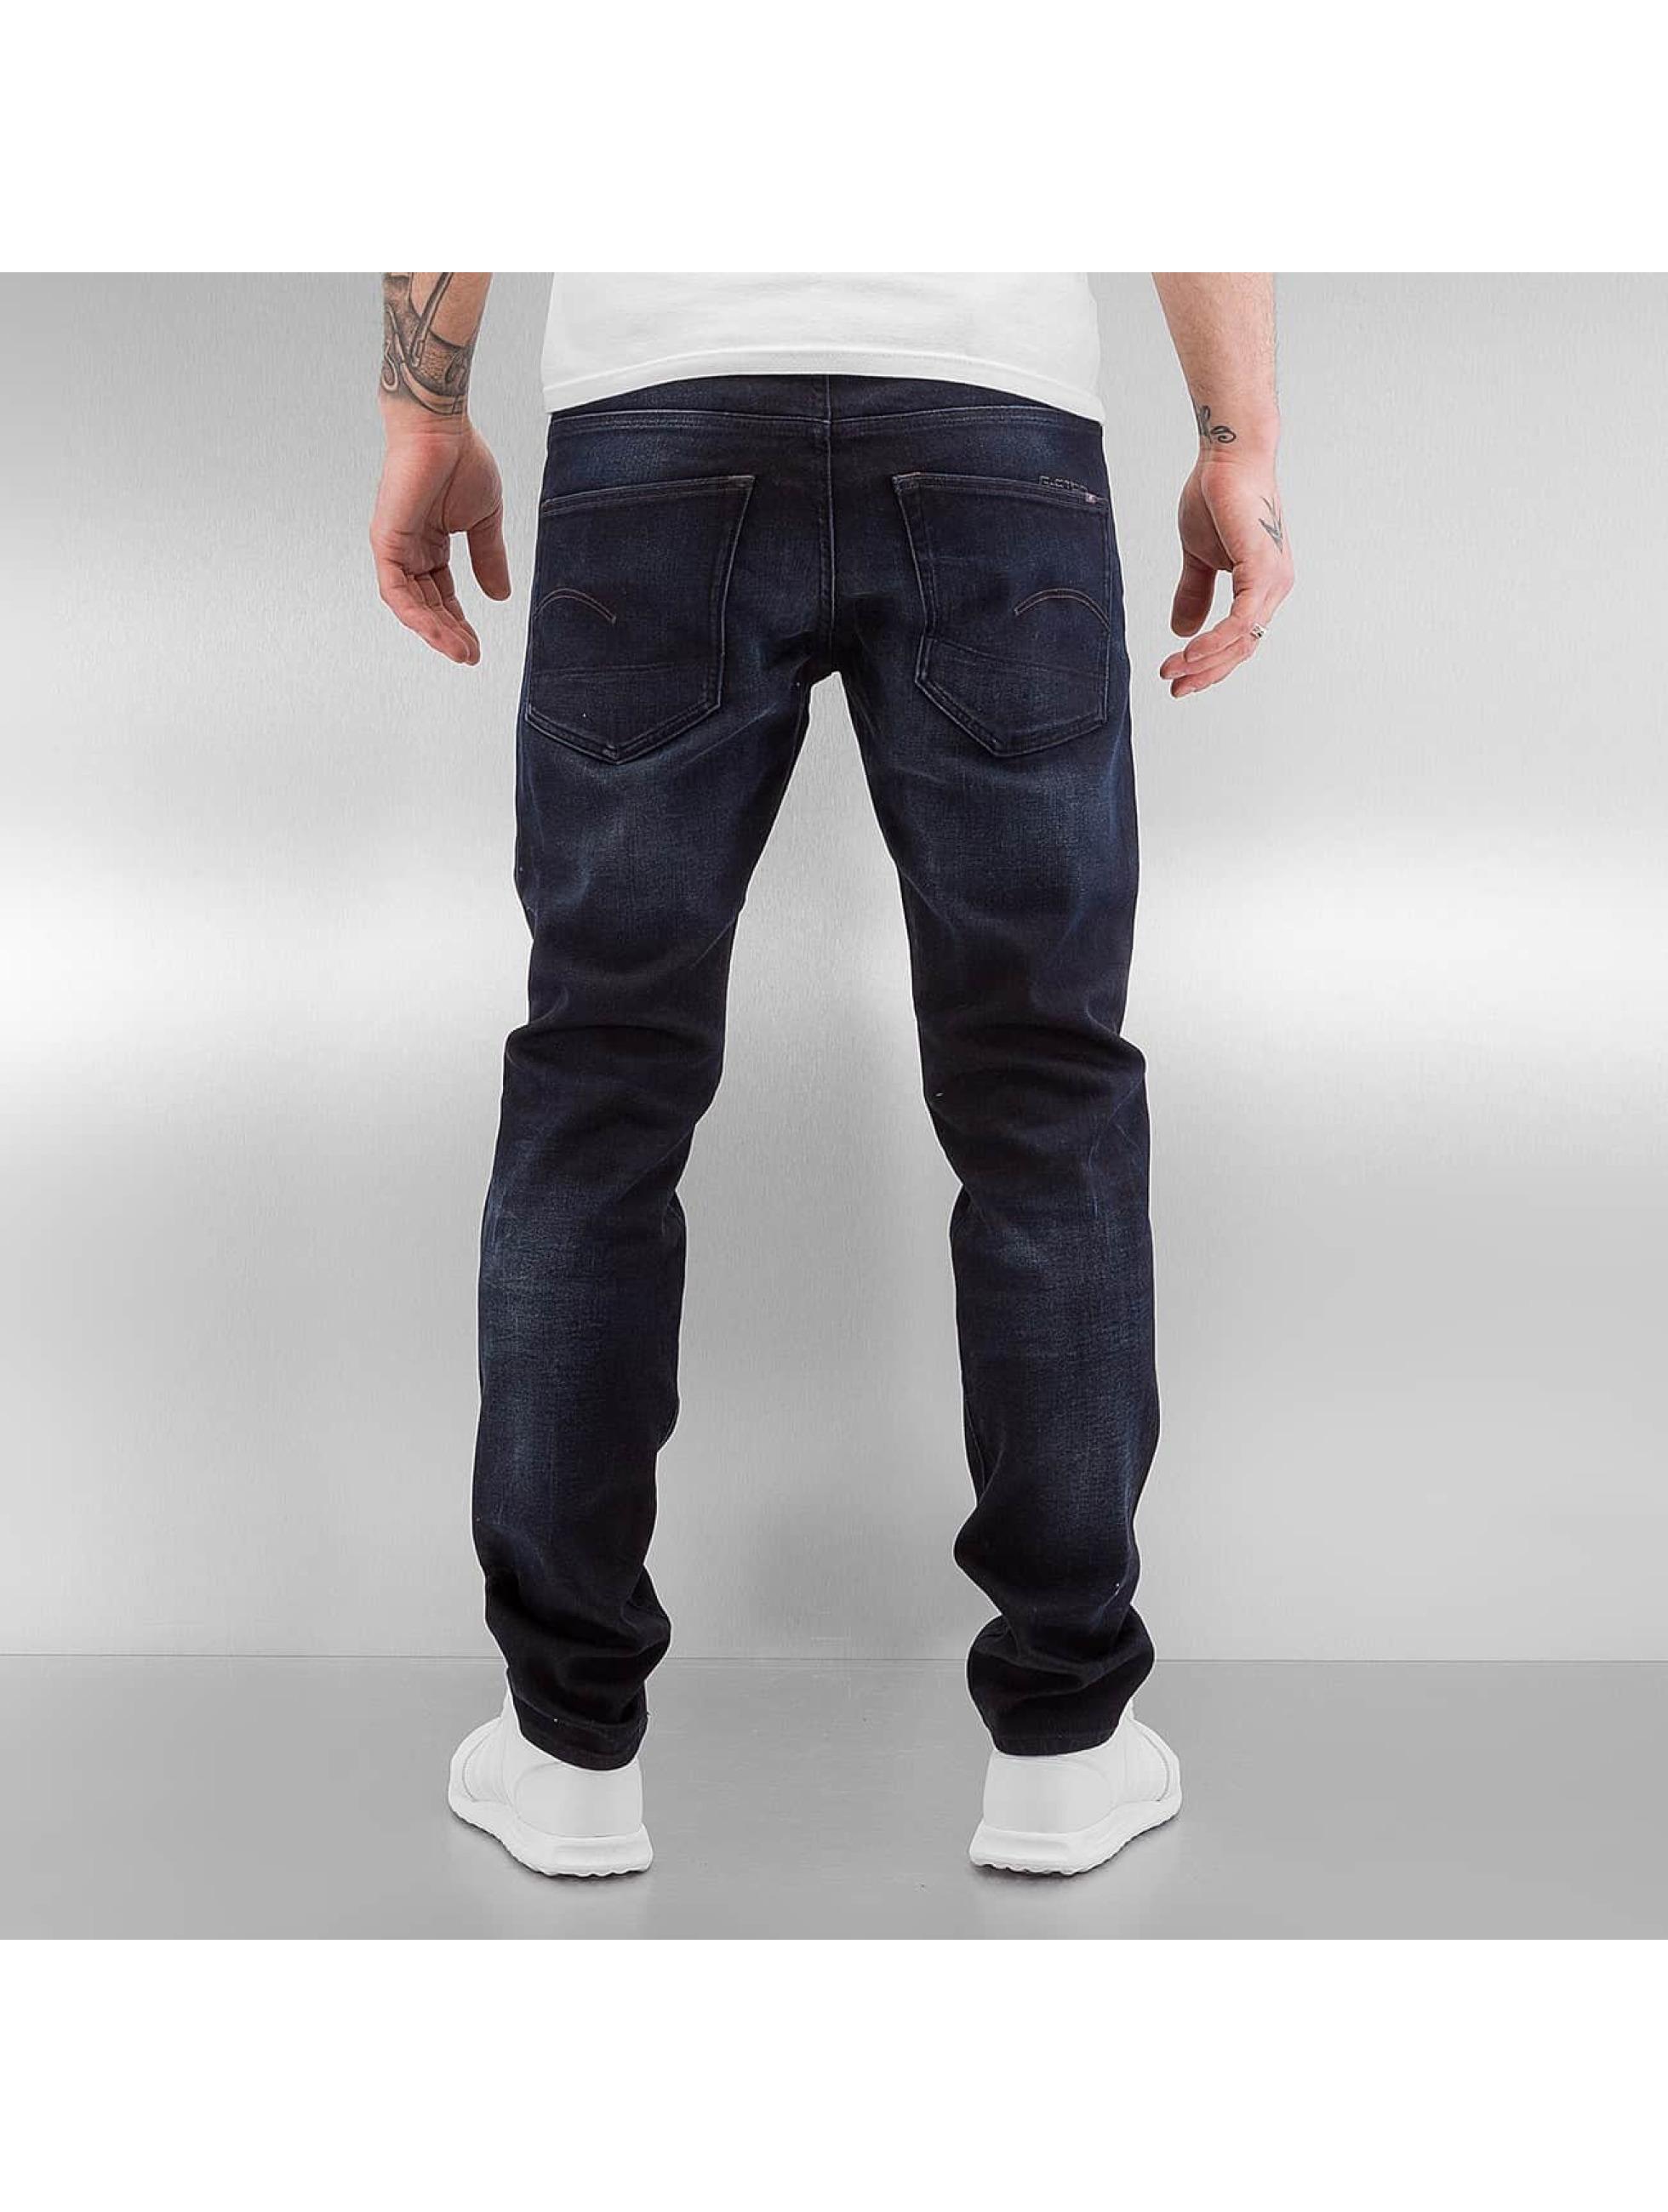 G-Star Úzke/Streč 3301 Slim Siro modrá